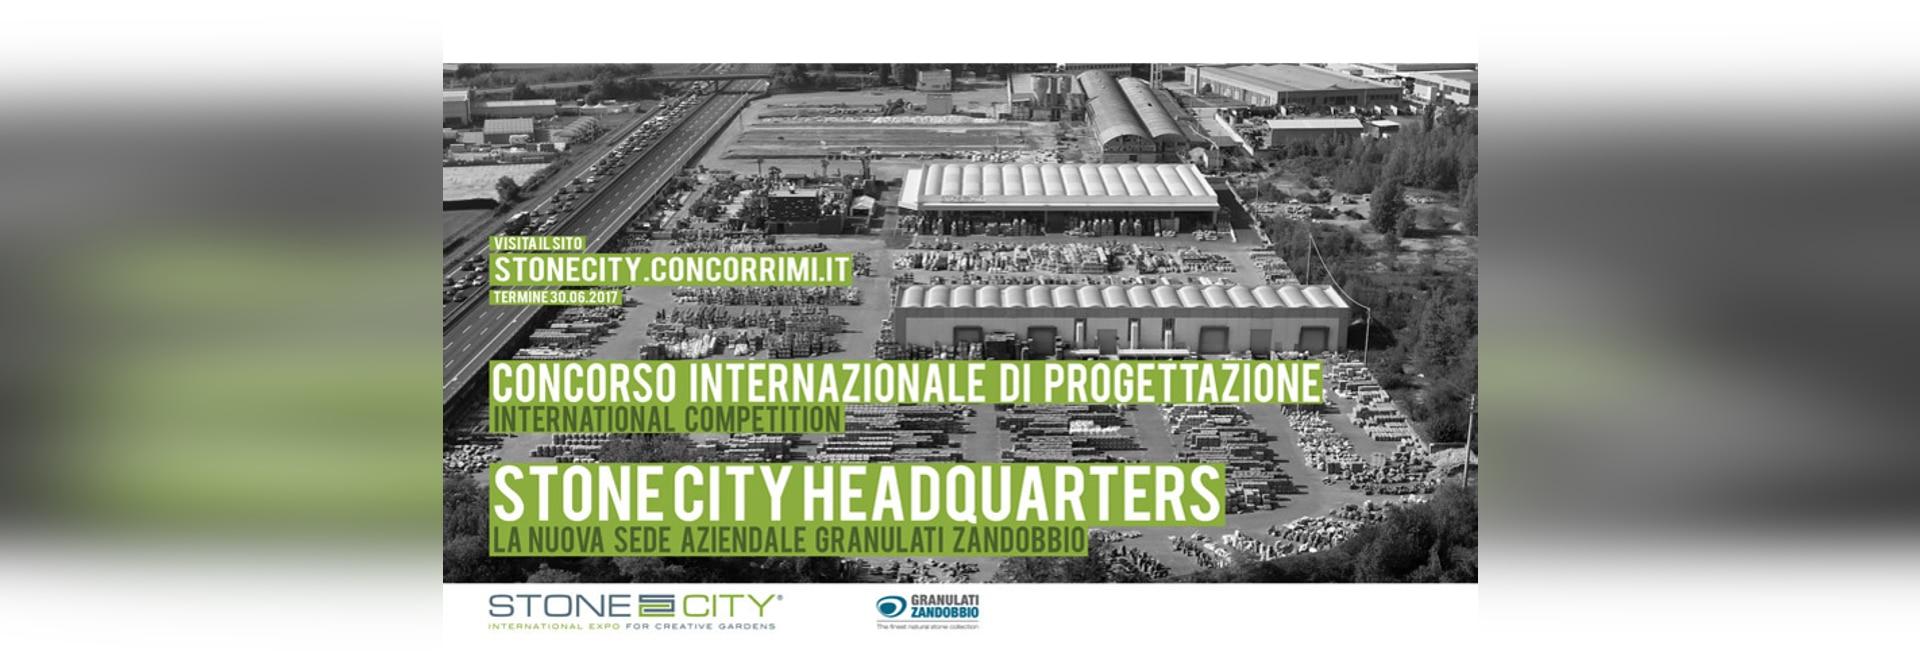 """CONCORSO INTERNAZIONALE DI PROGETTAZIONE """"STONE CITY HEADQUARTER"""""""